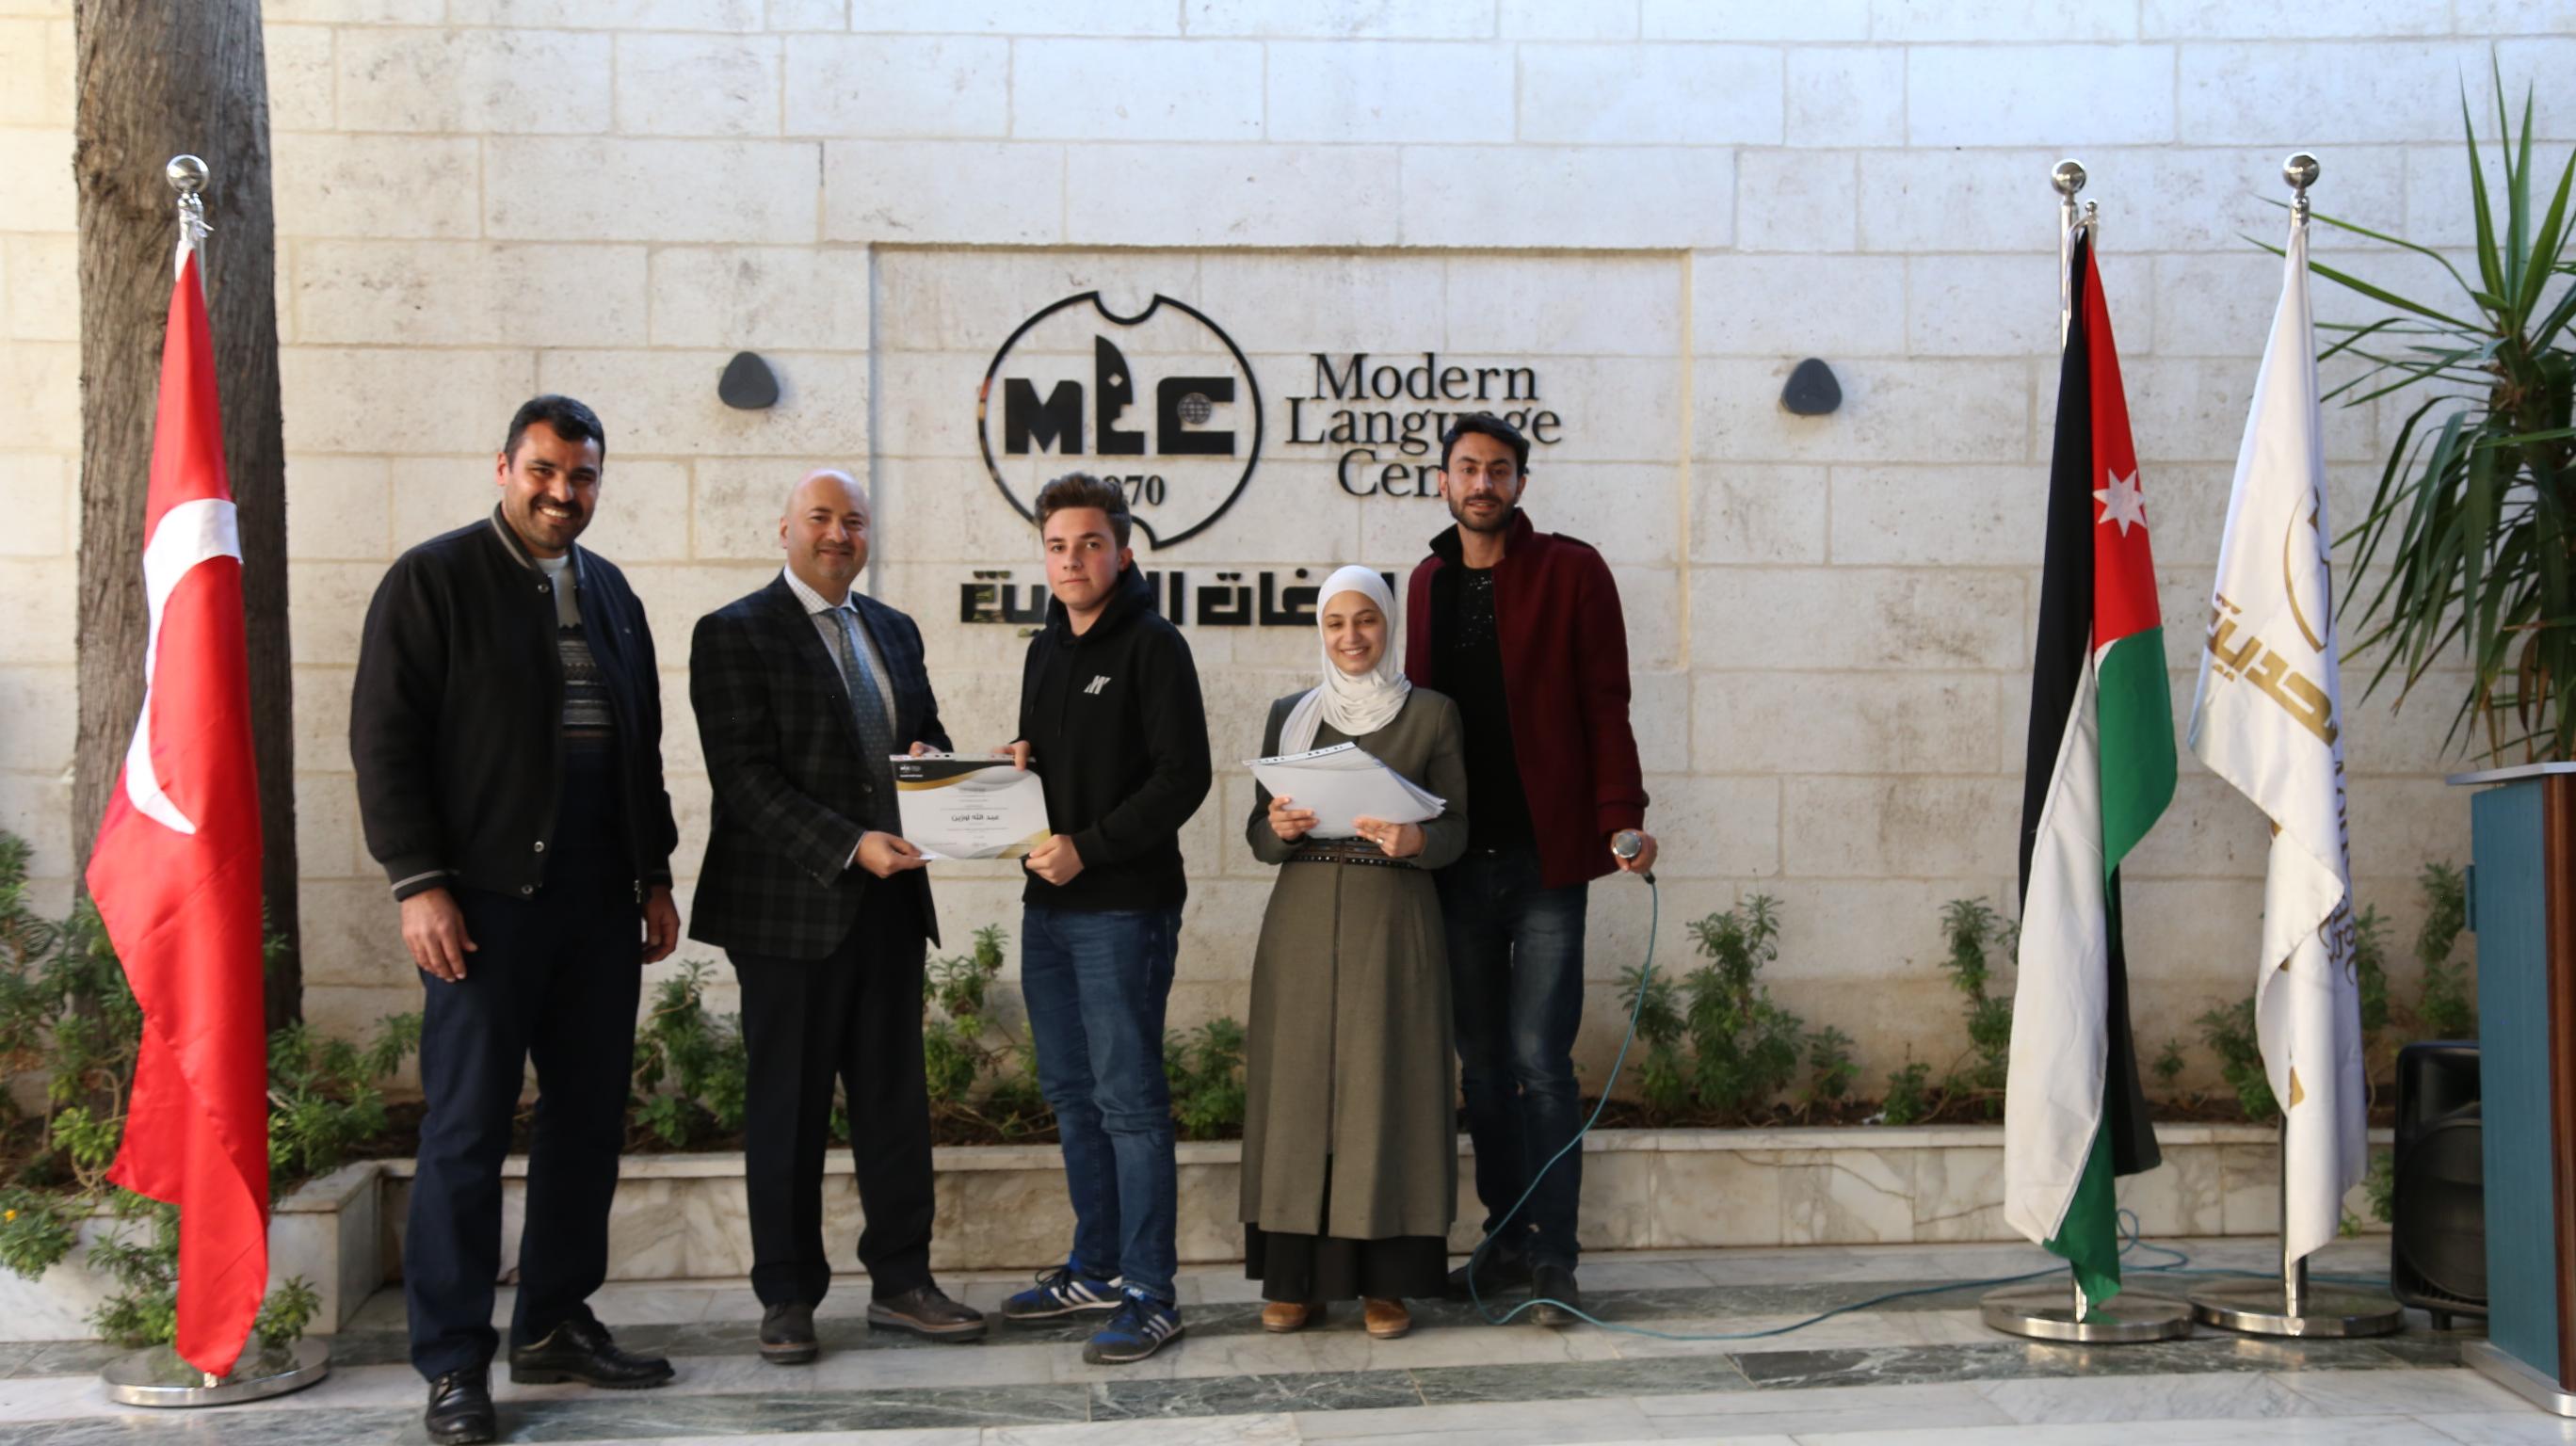 مركز اللغات الحديث: تخريج مركزنا مجموعة جديدة من الطلبة الأتراك.